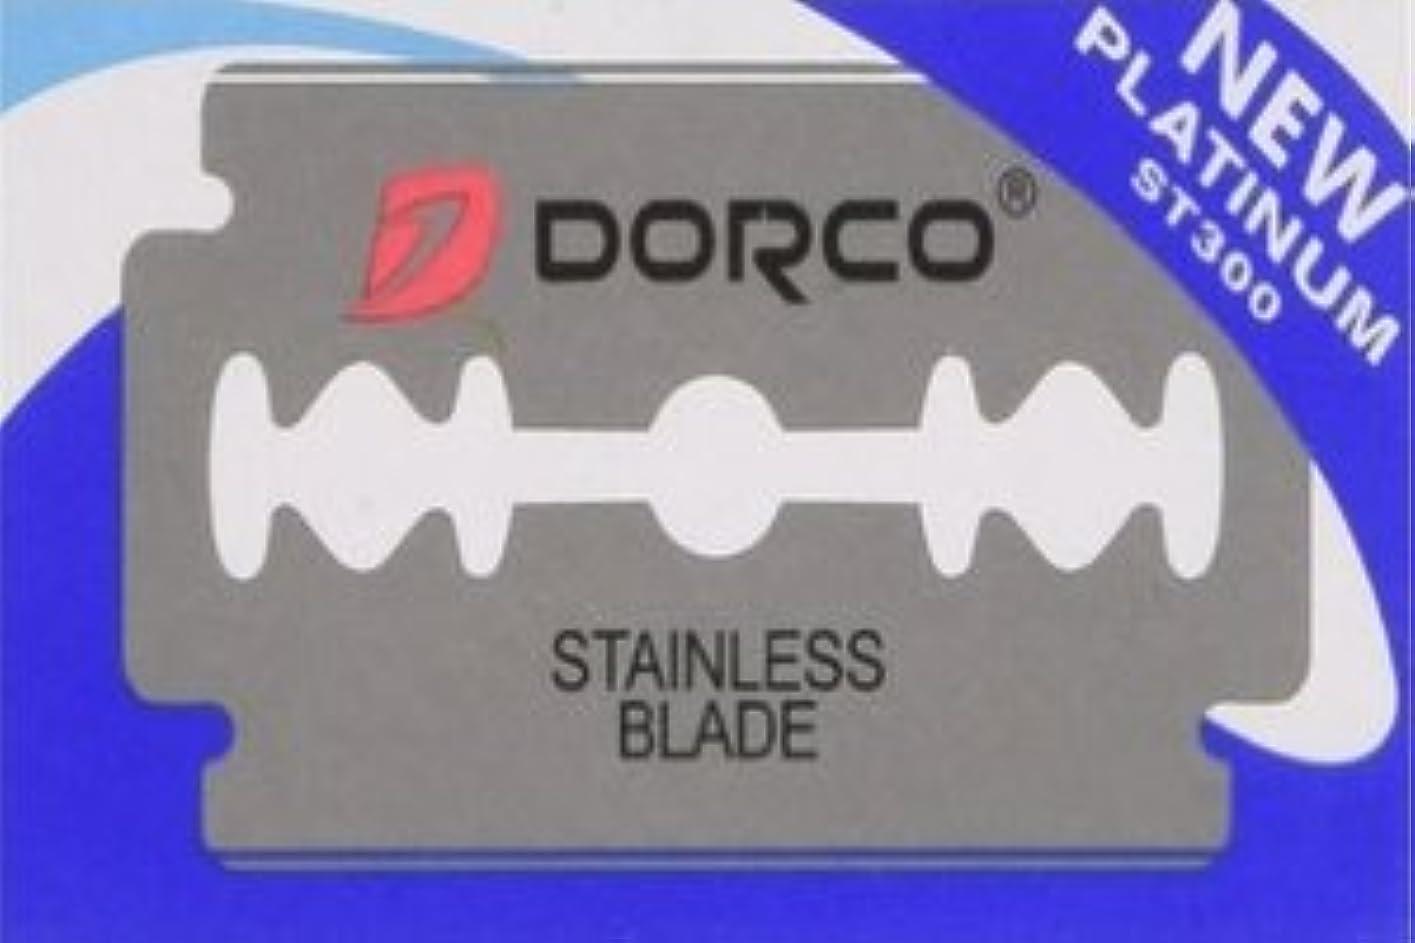 無意識まとめるご予約Dorco ST-300 Platinum 両刃替刃 10枚入り(10枚入り1 個セット)【並行輸入品】